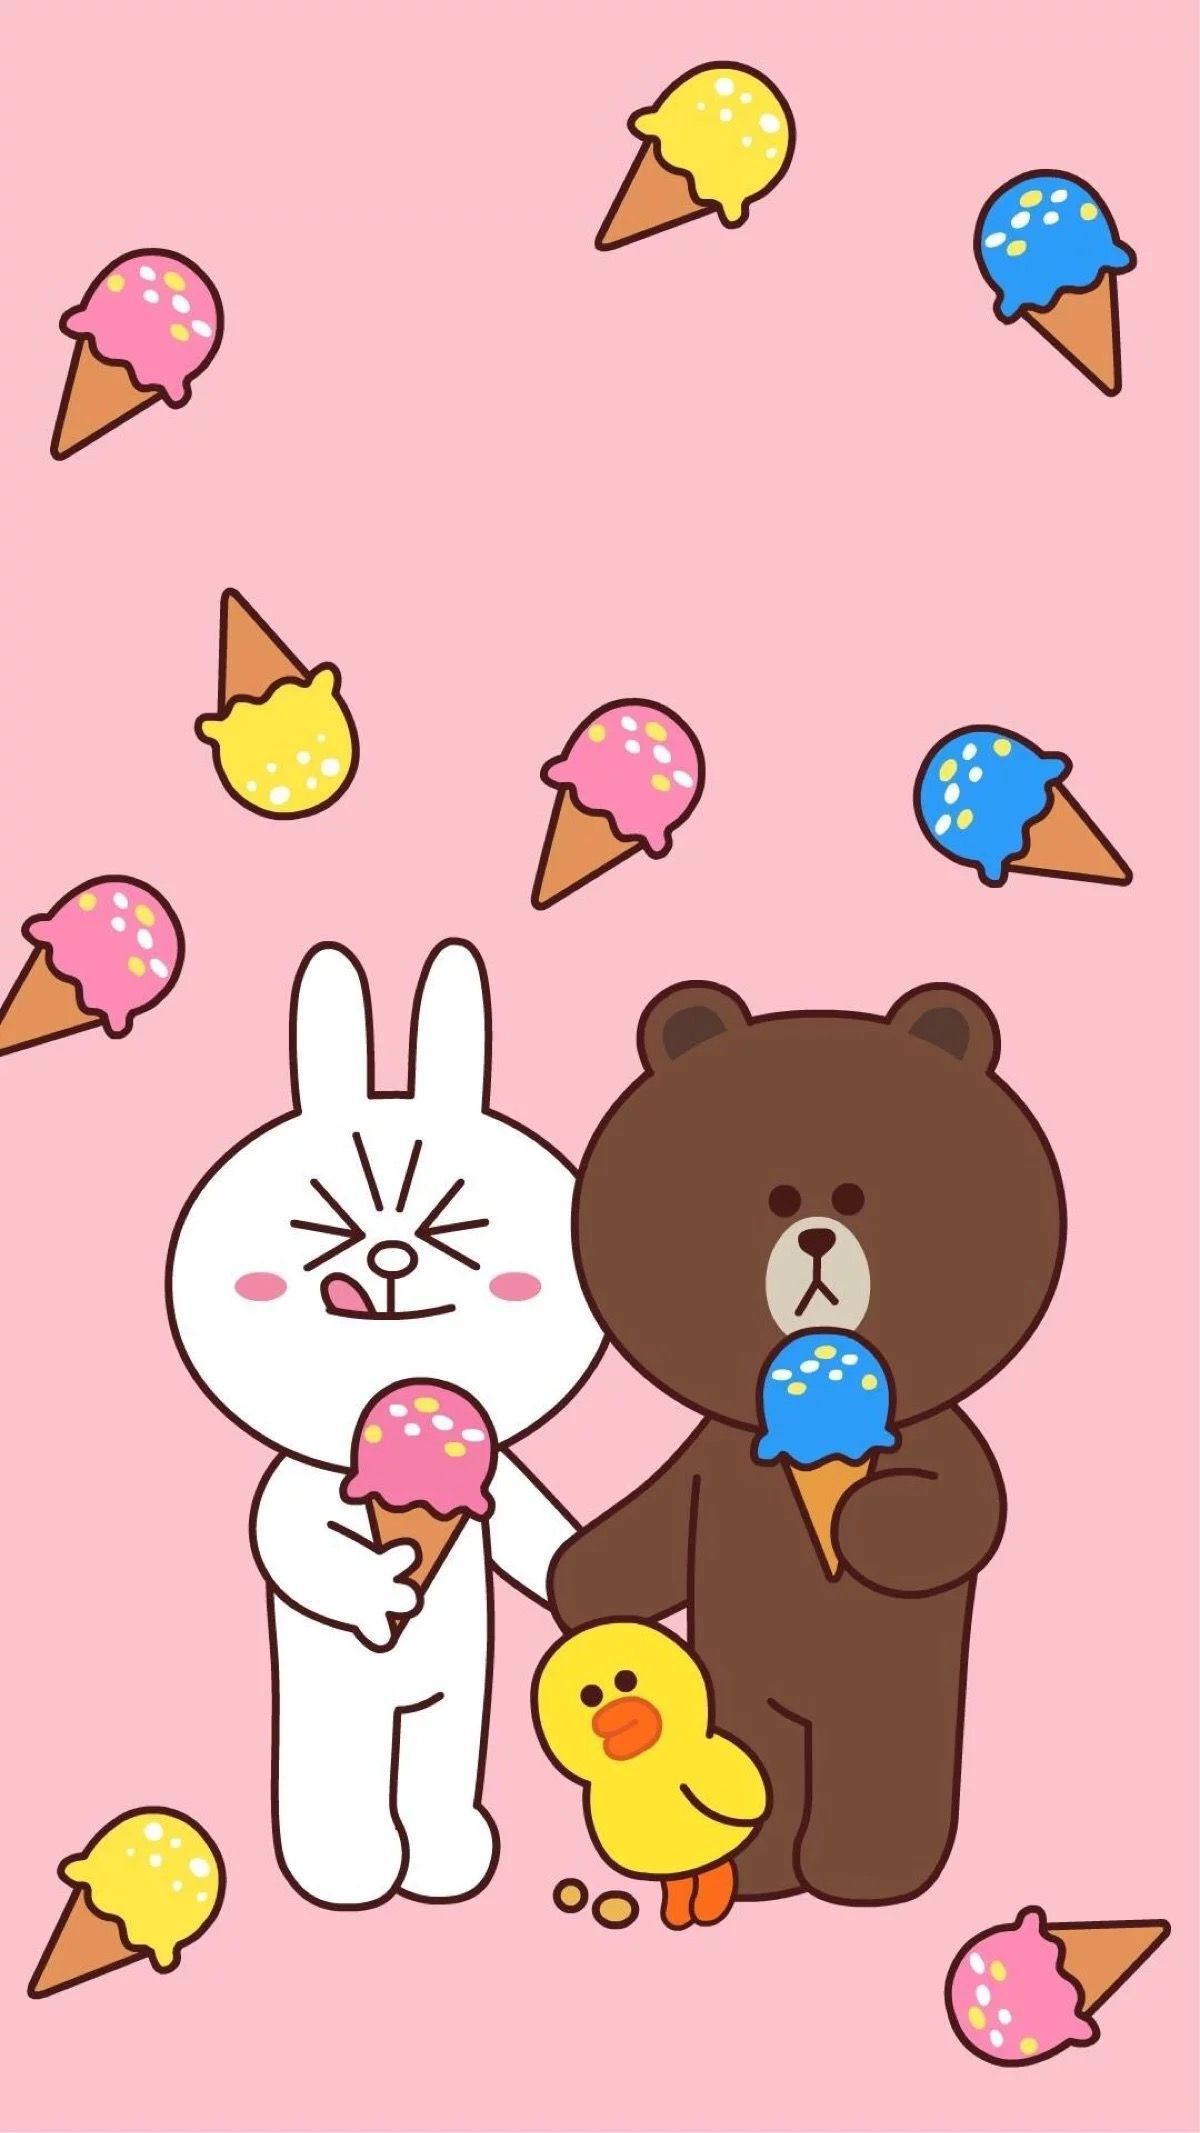 Pin Oleh ♡♡A D J O A ♡♡ Di KAKAO